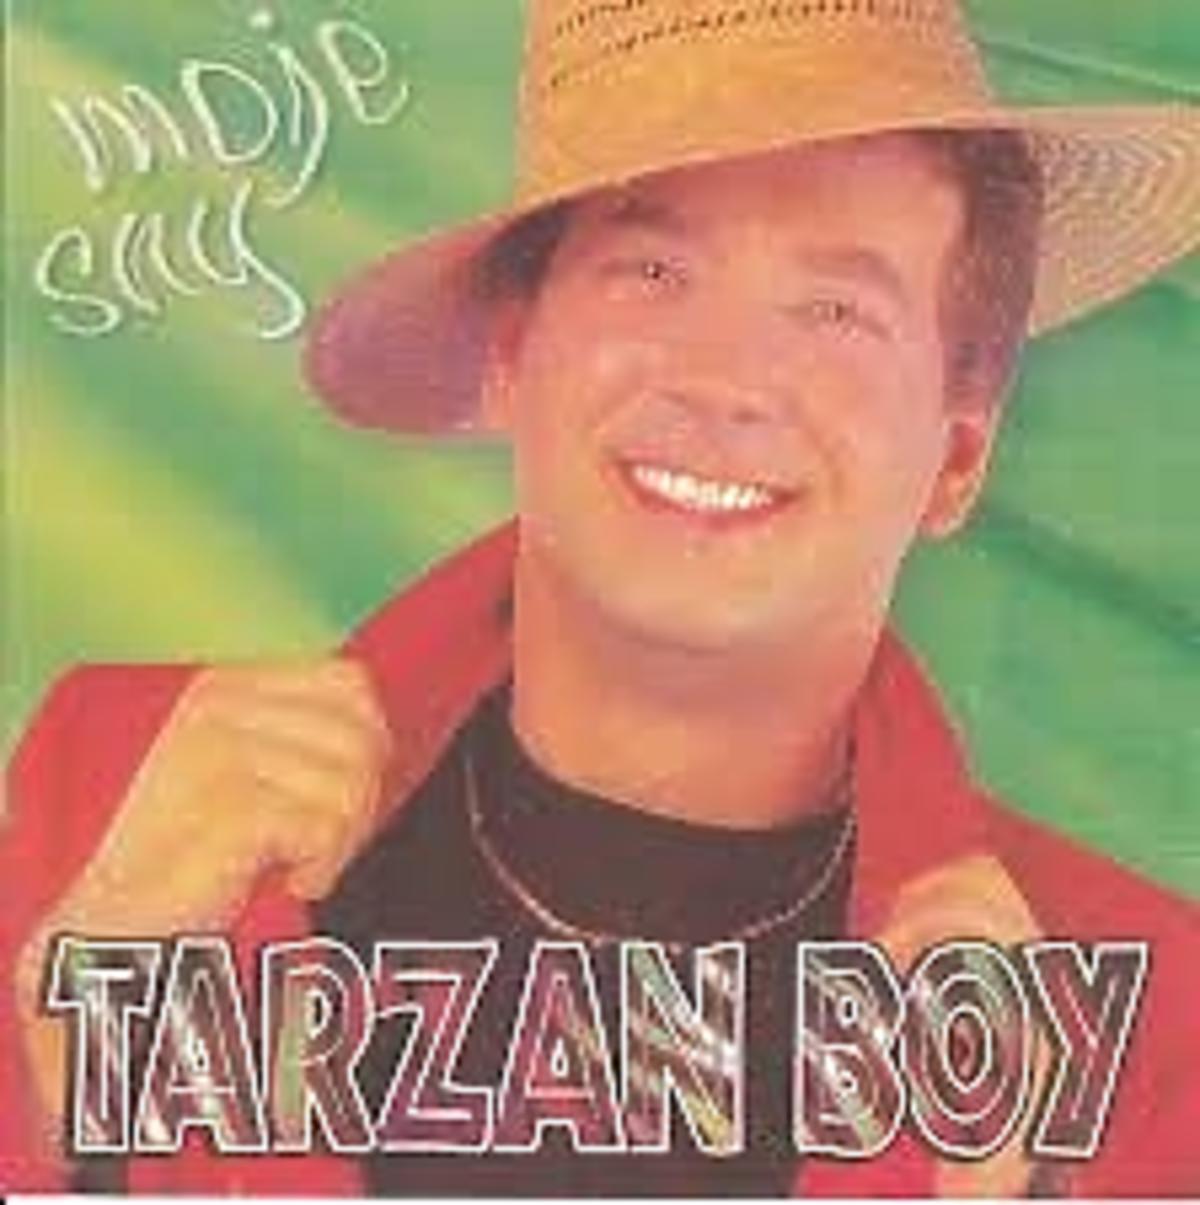 Krzysztof Rutkowski Tarzan boy